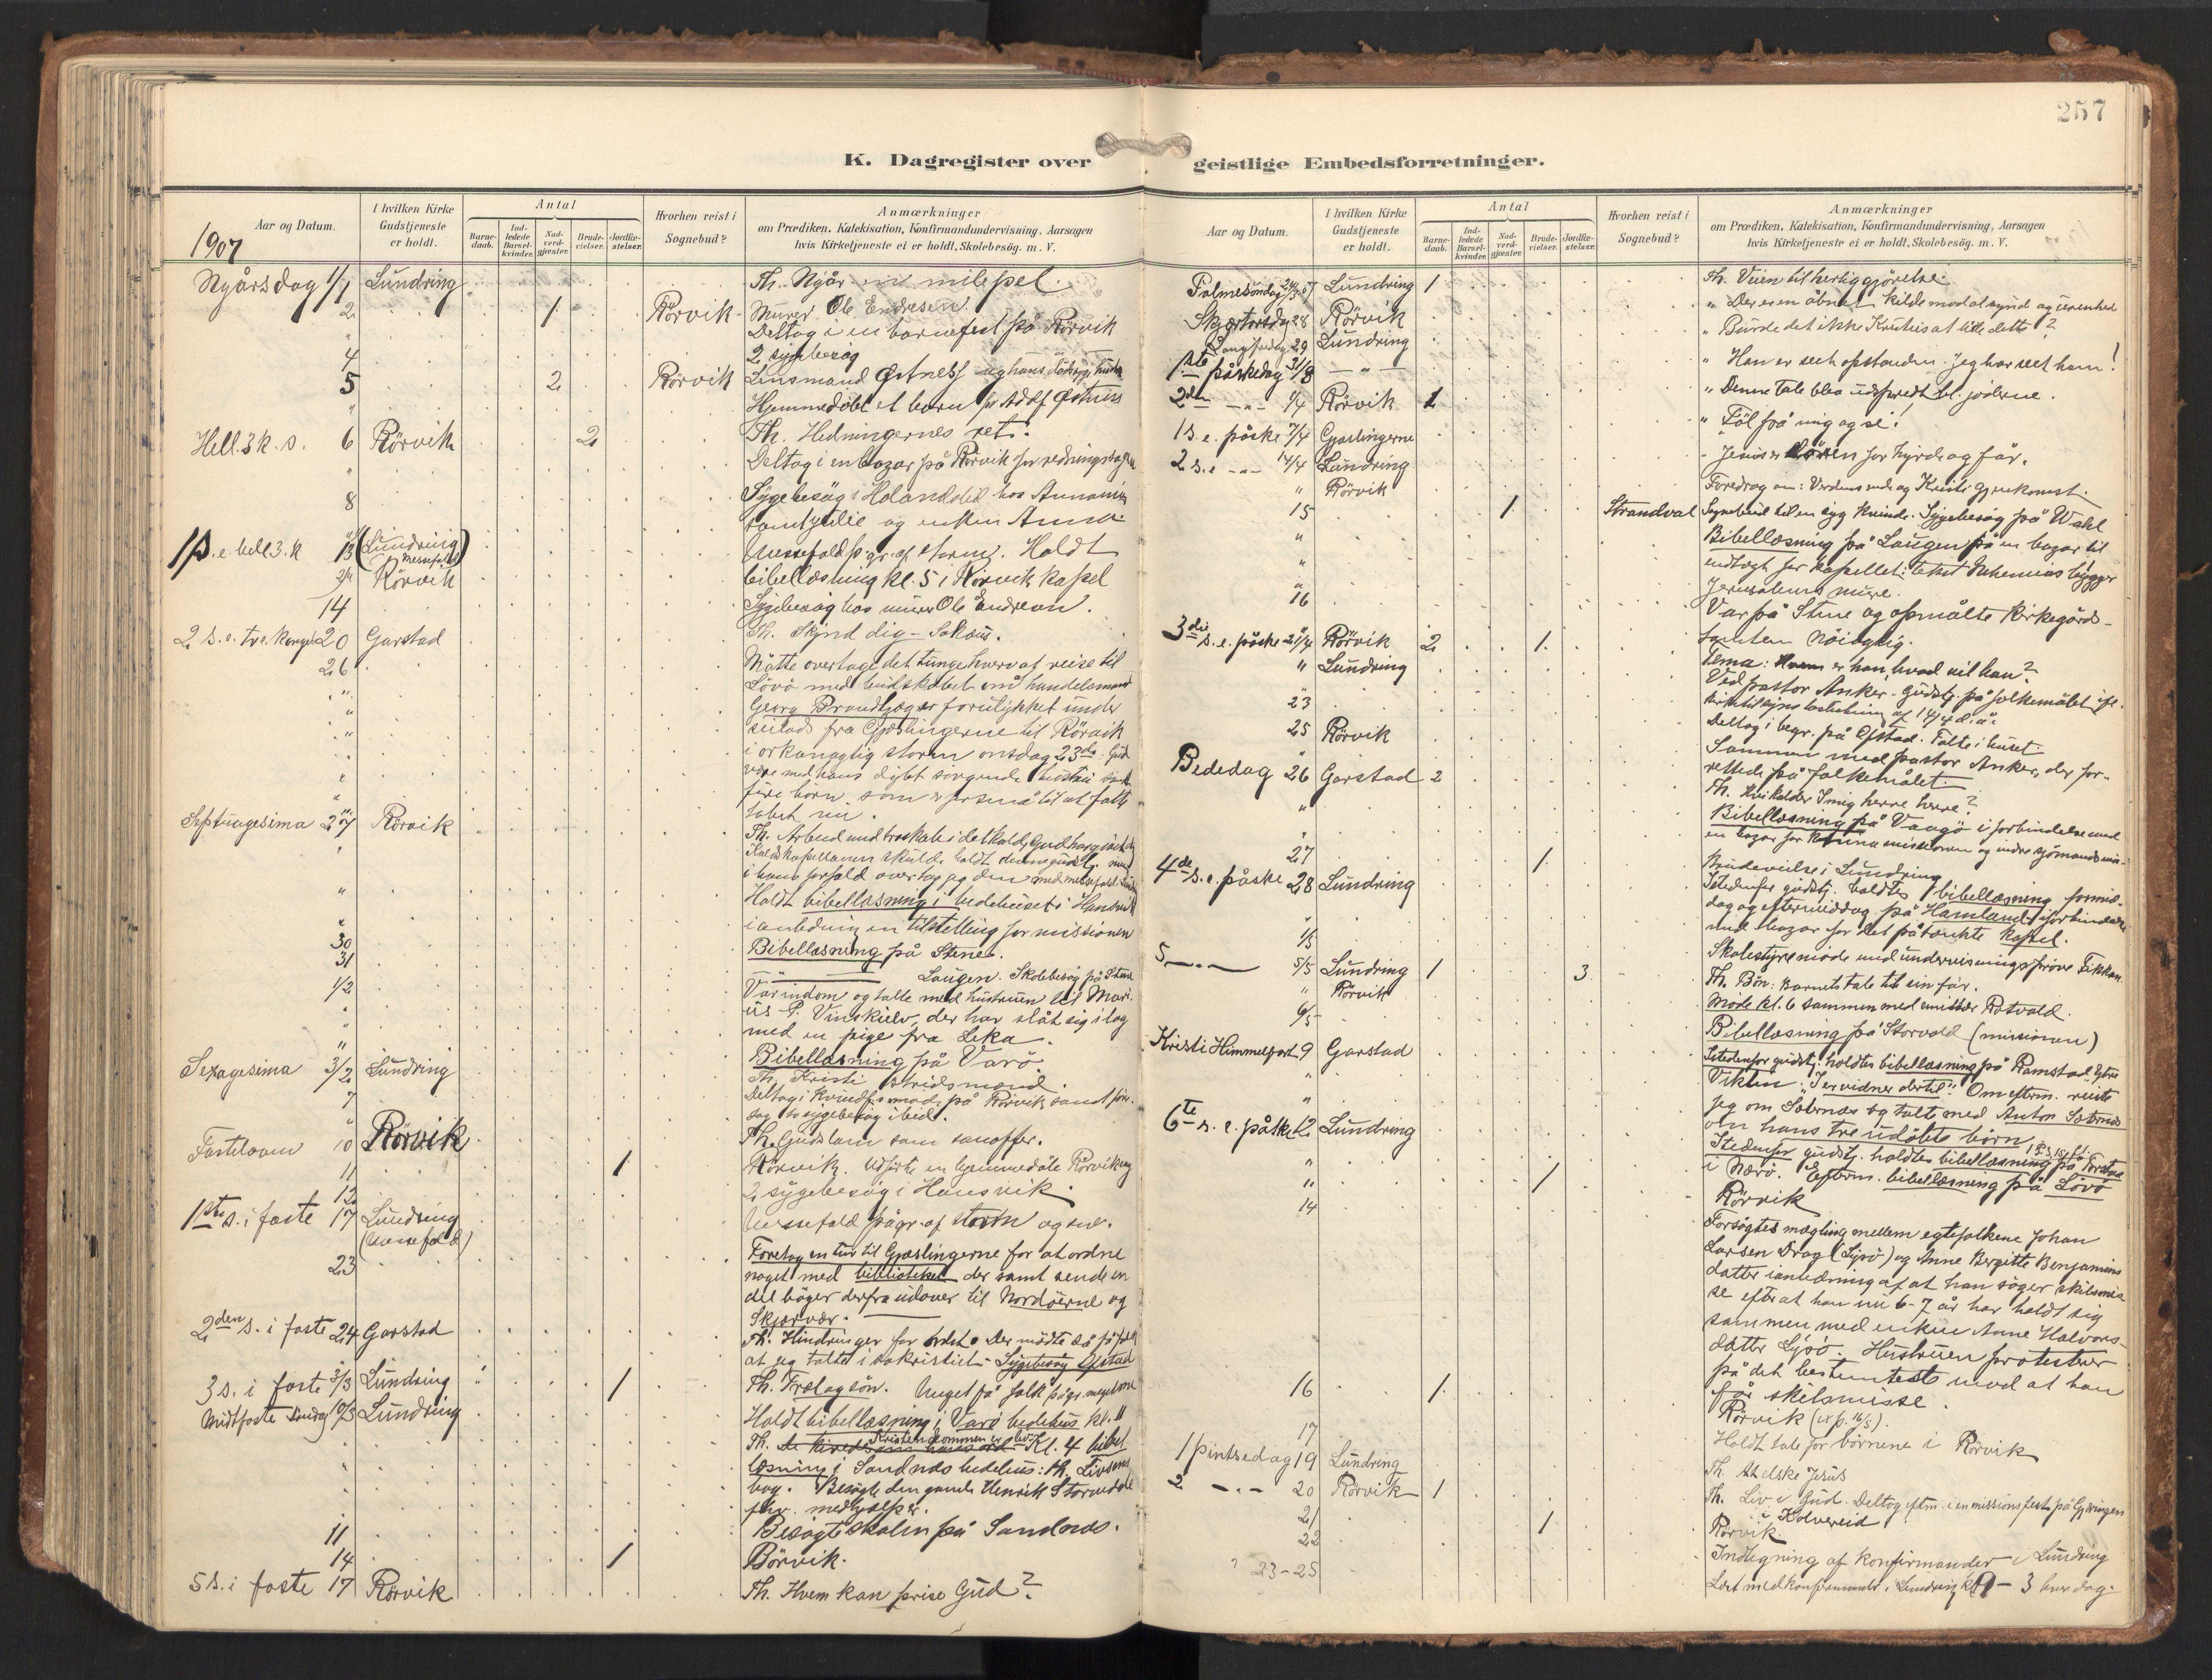 SAT, Ministerialprotokoller, klokkerbøker og fødselsregistre - Nord-Trøndelag, 784/L0677: Ministerialbok nr. 784A12, 1900-1920, s. 257